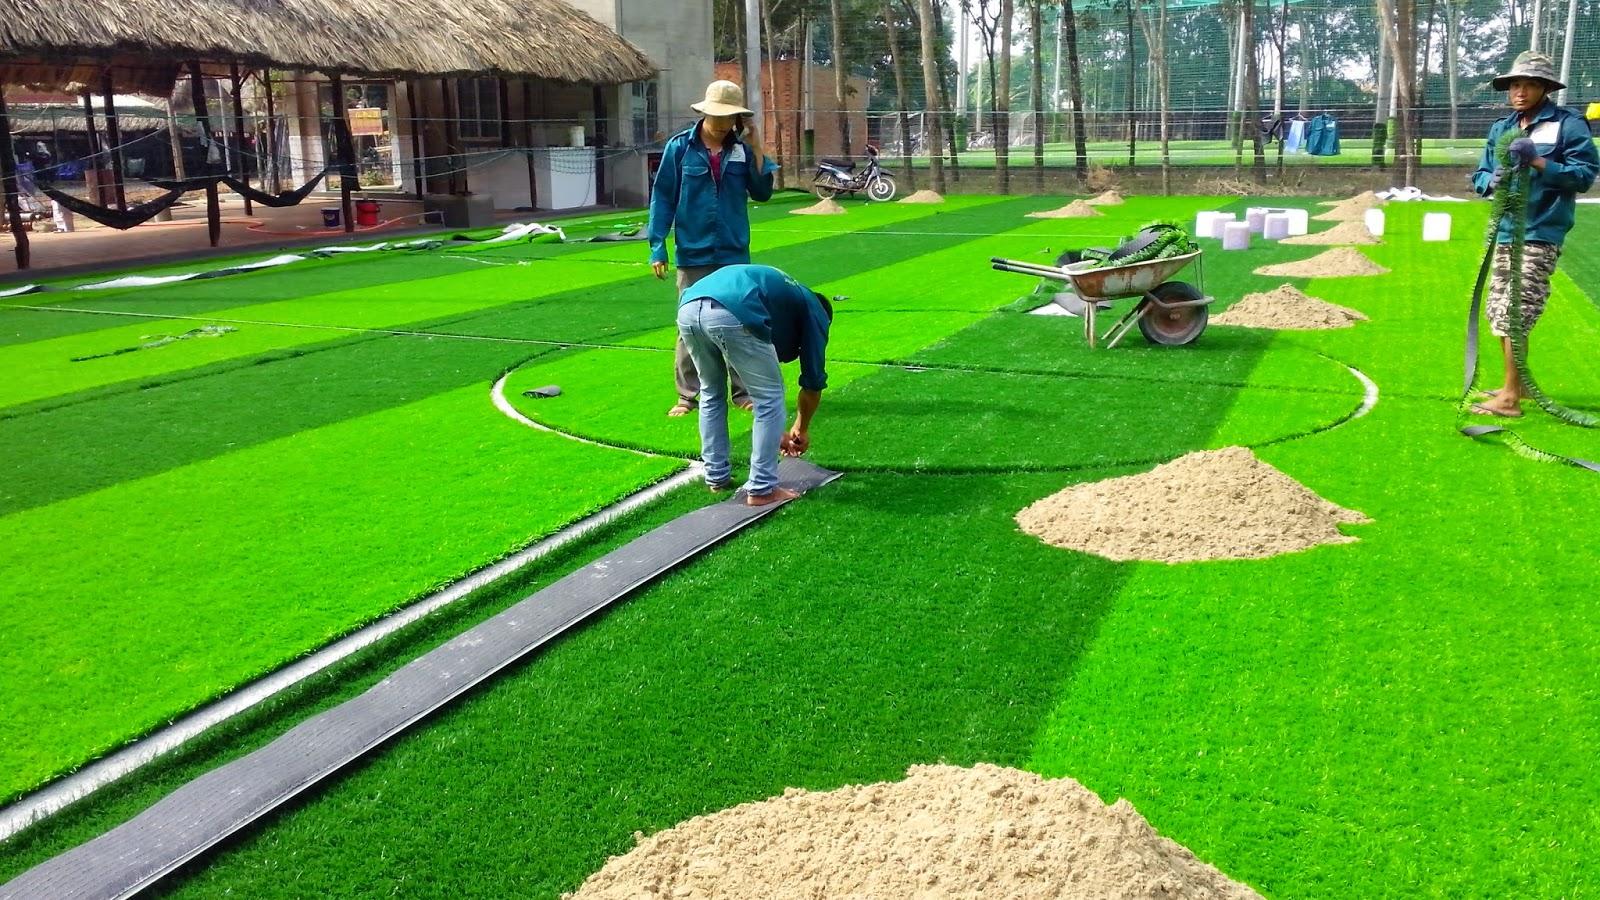 Hướng dẫn bảo quản, vệ sinh cỏ nhân tạo sân bóng